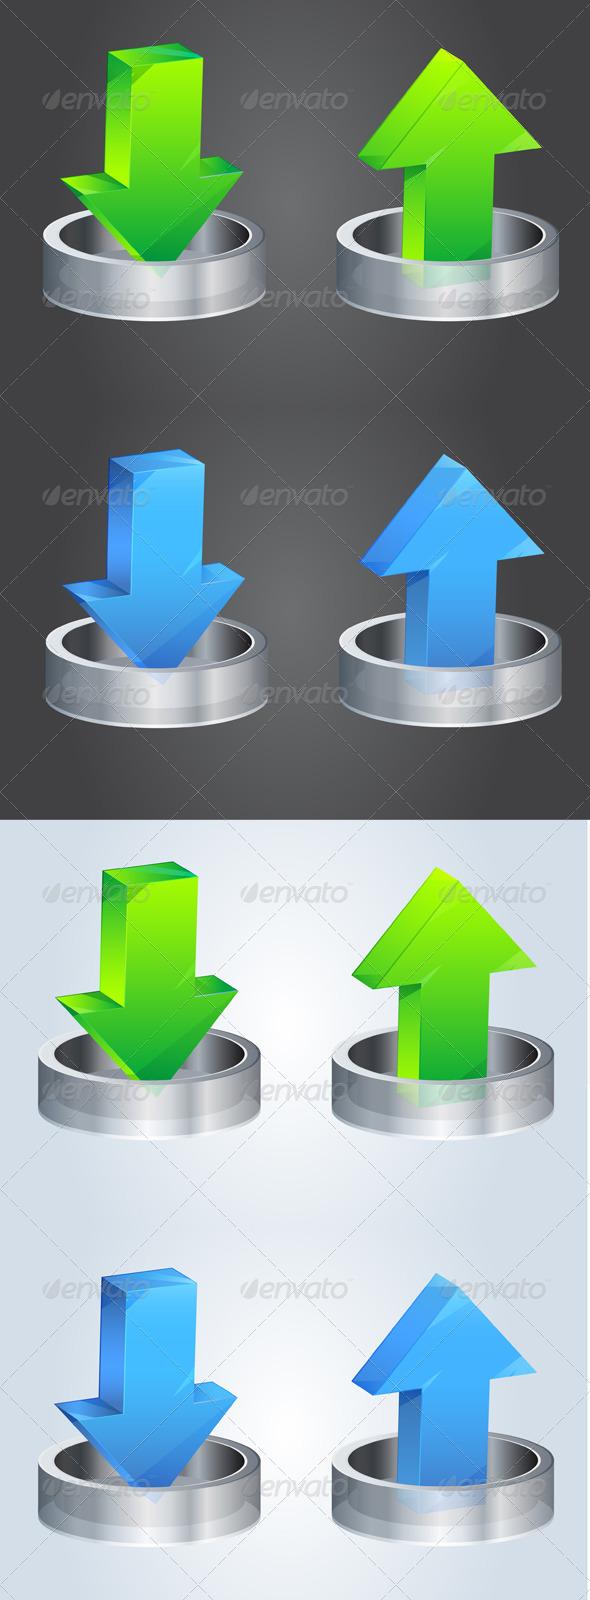 GraphicRiver Download File Icon Illustration 5709139